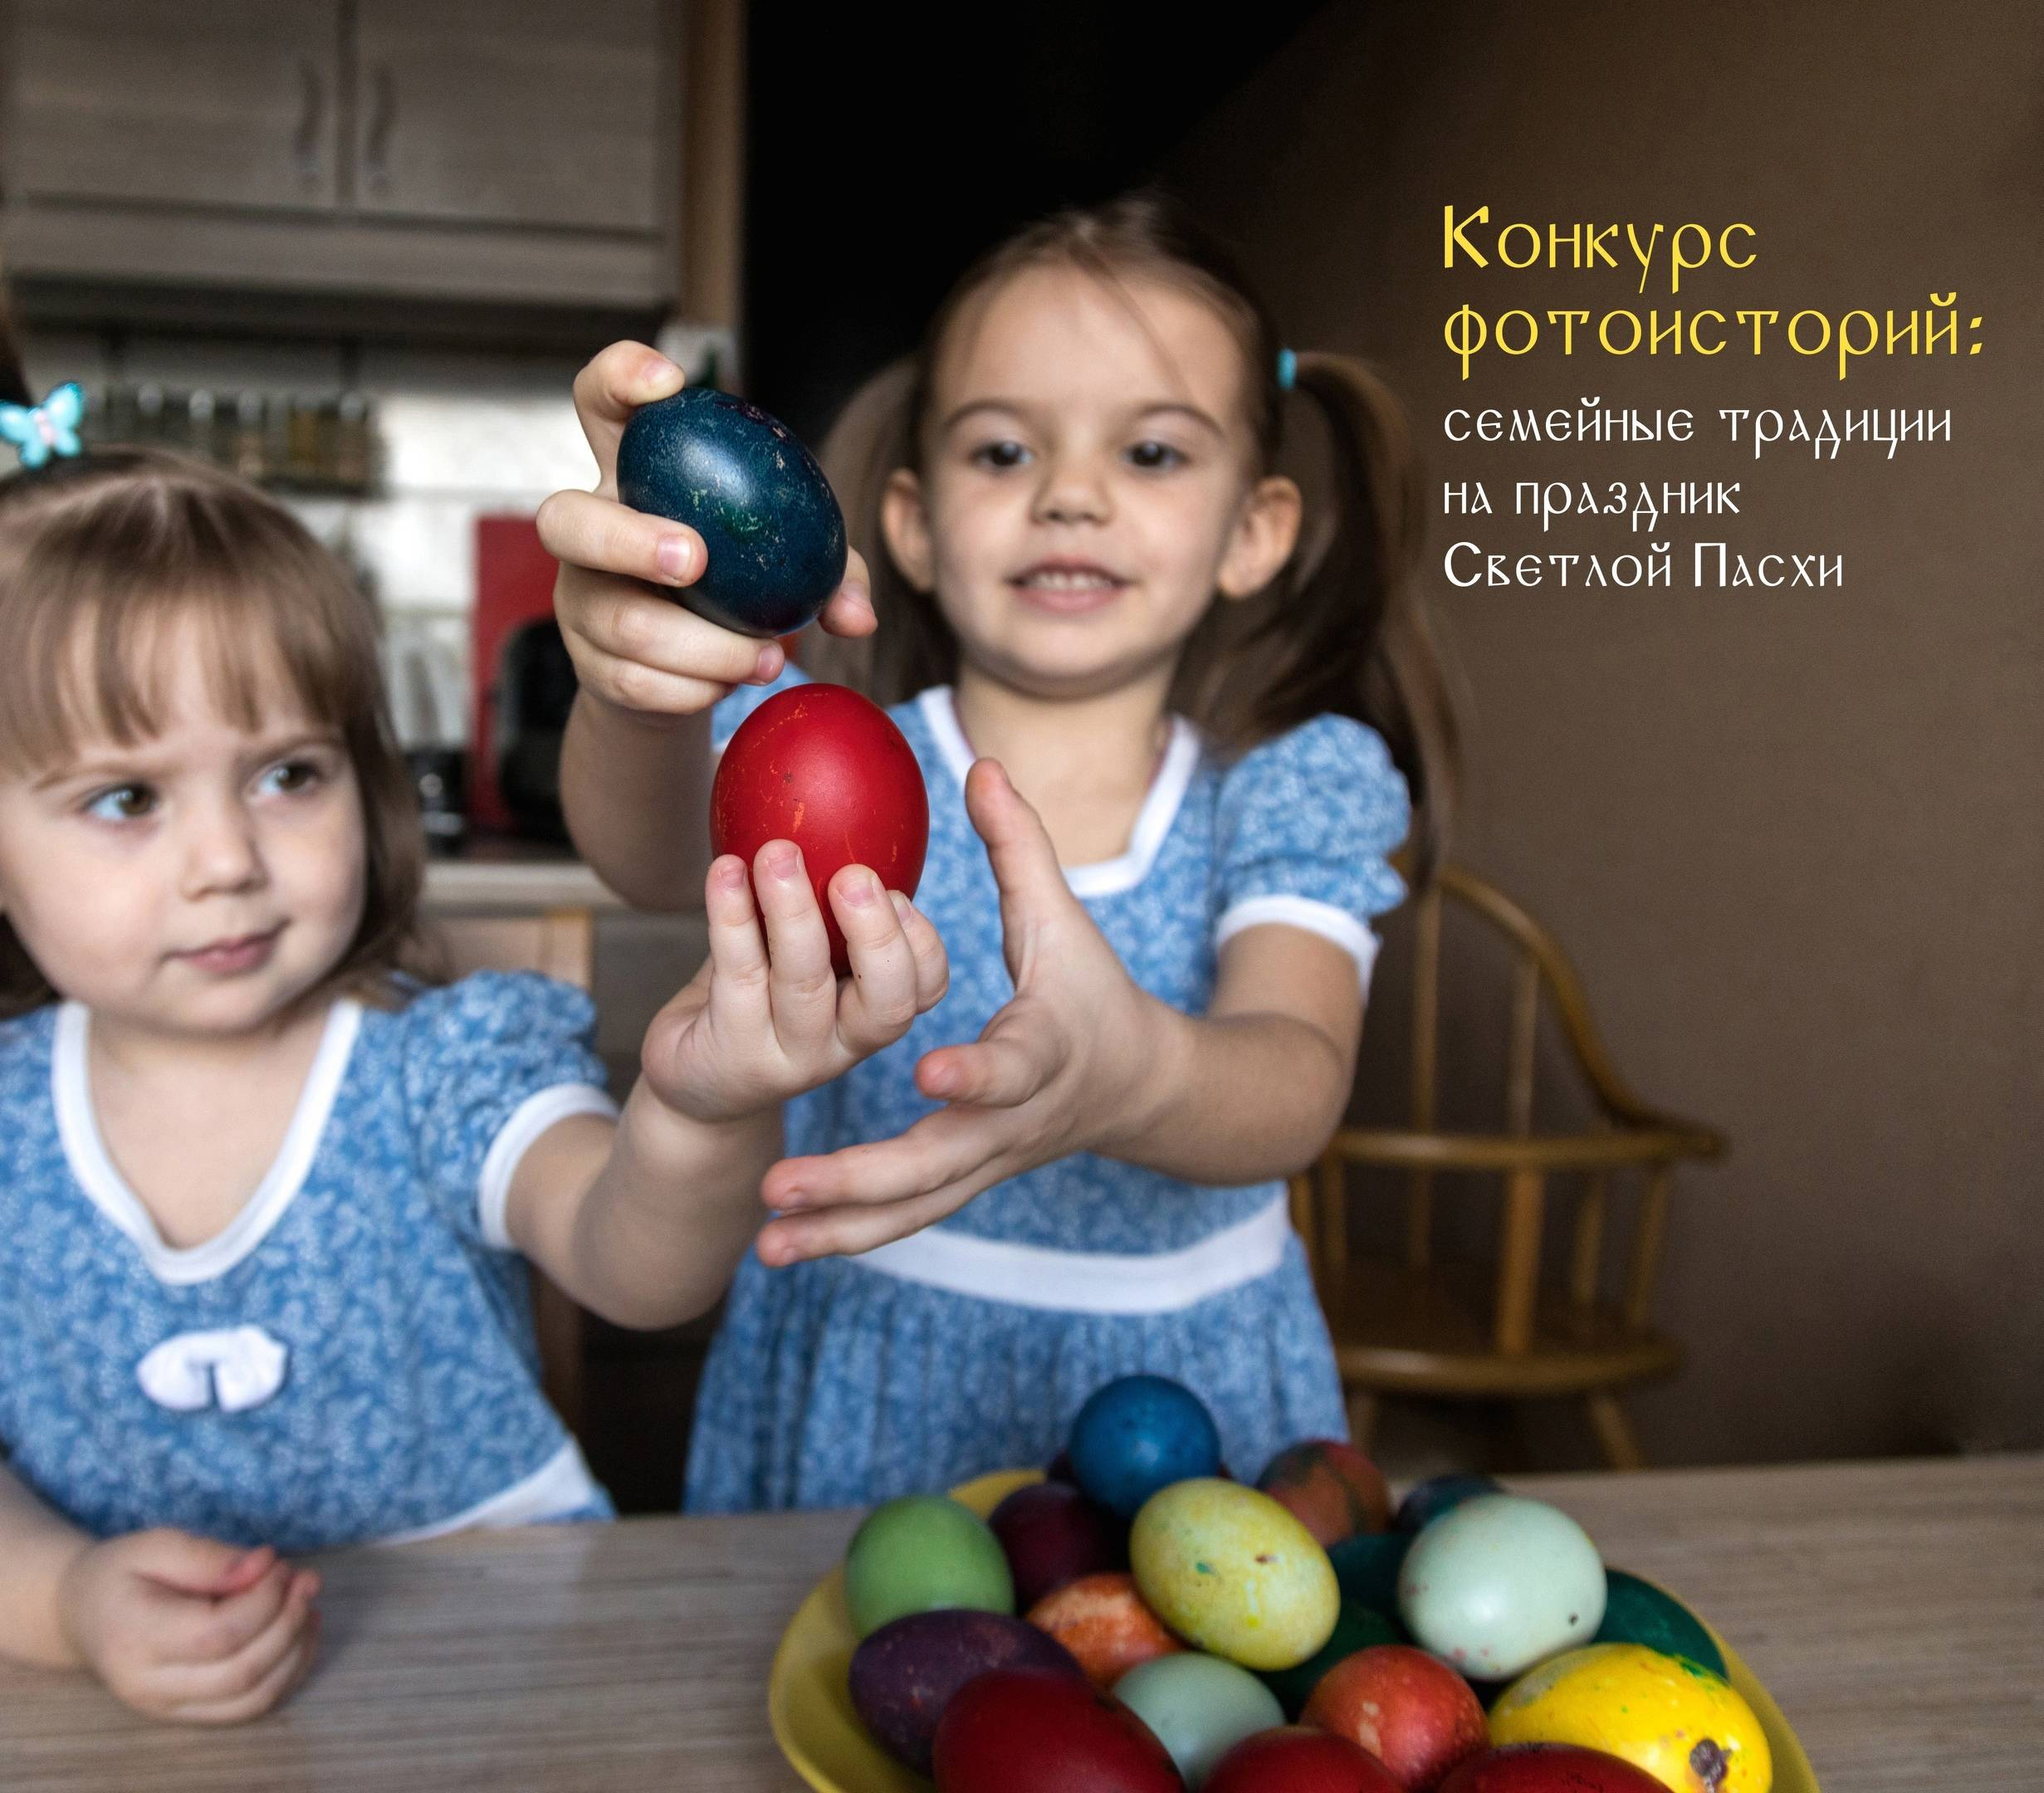 Подведены итоги пасхального конкурса в аккаунте «Серафимова земля» в ВКонтакте